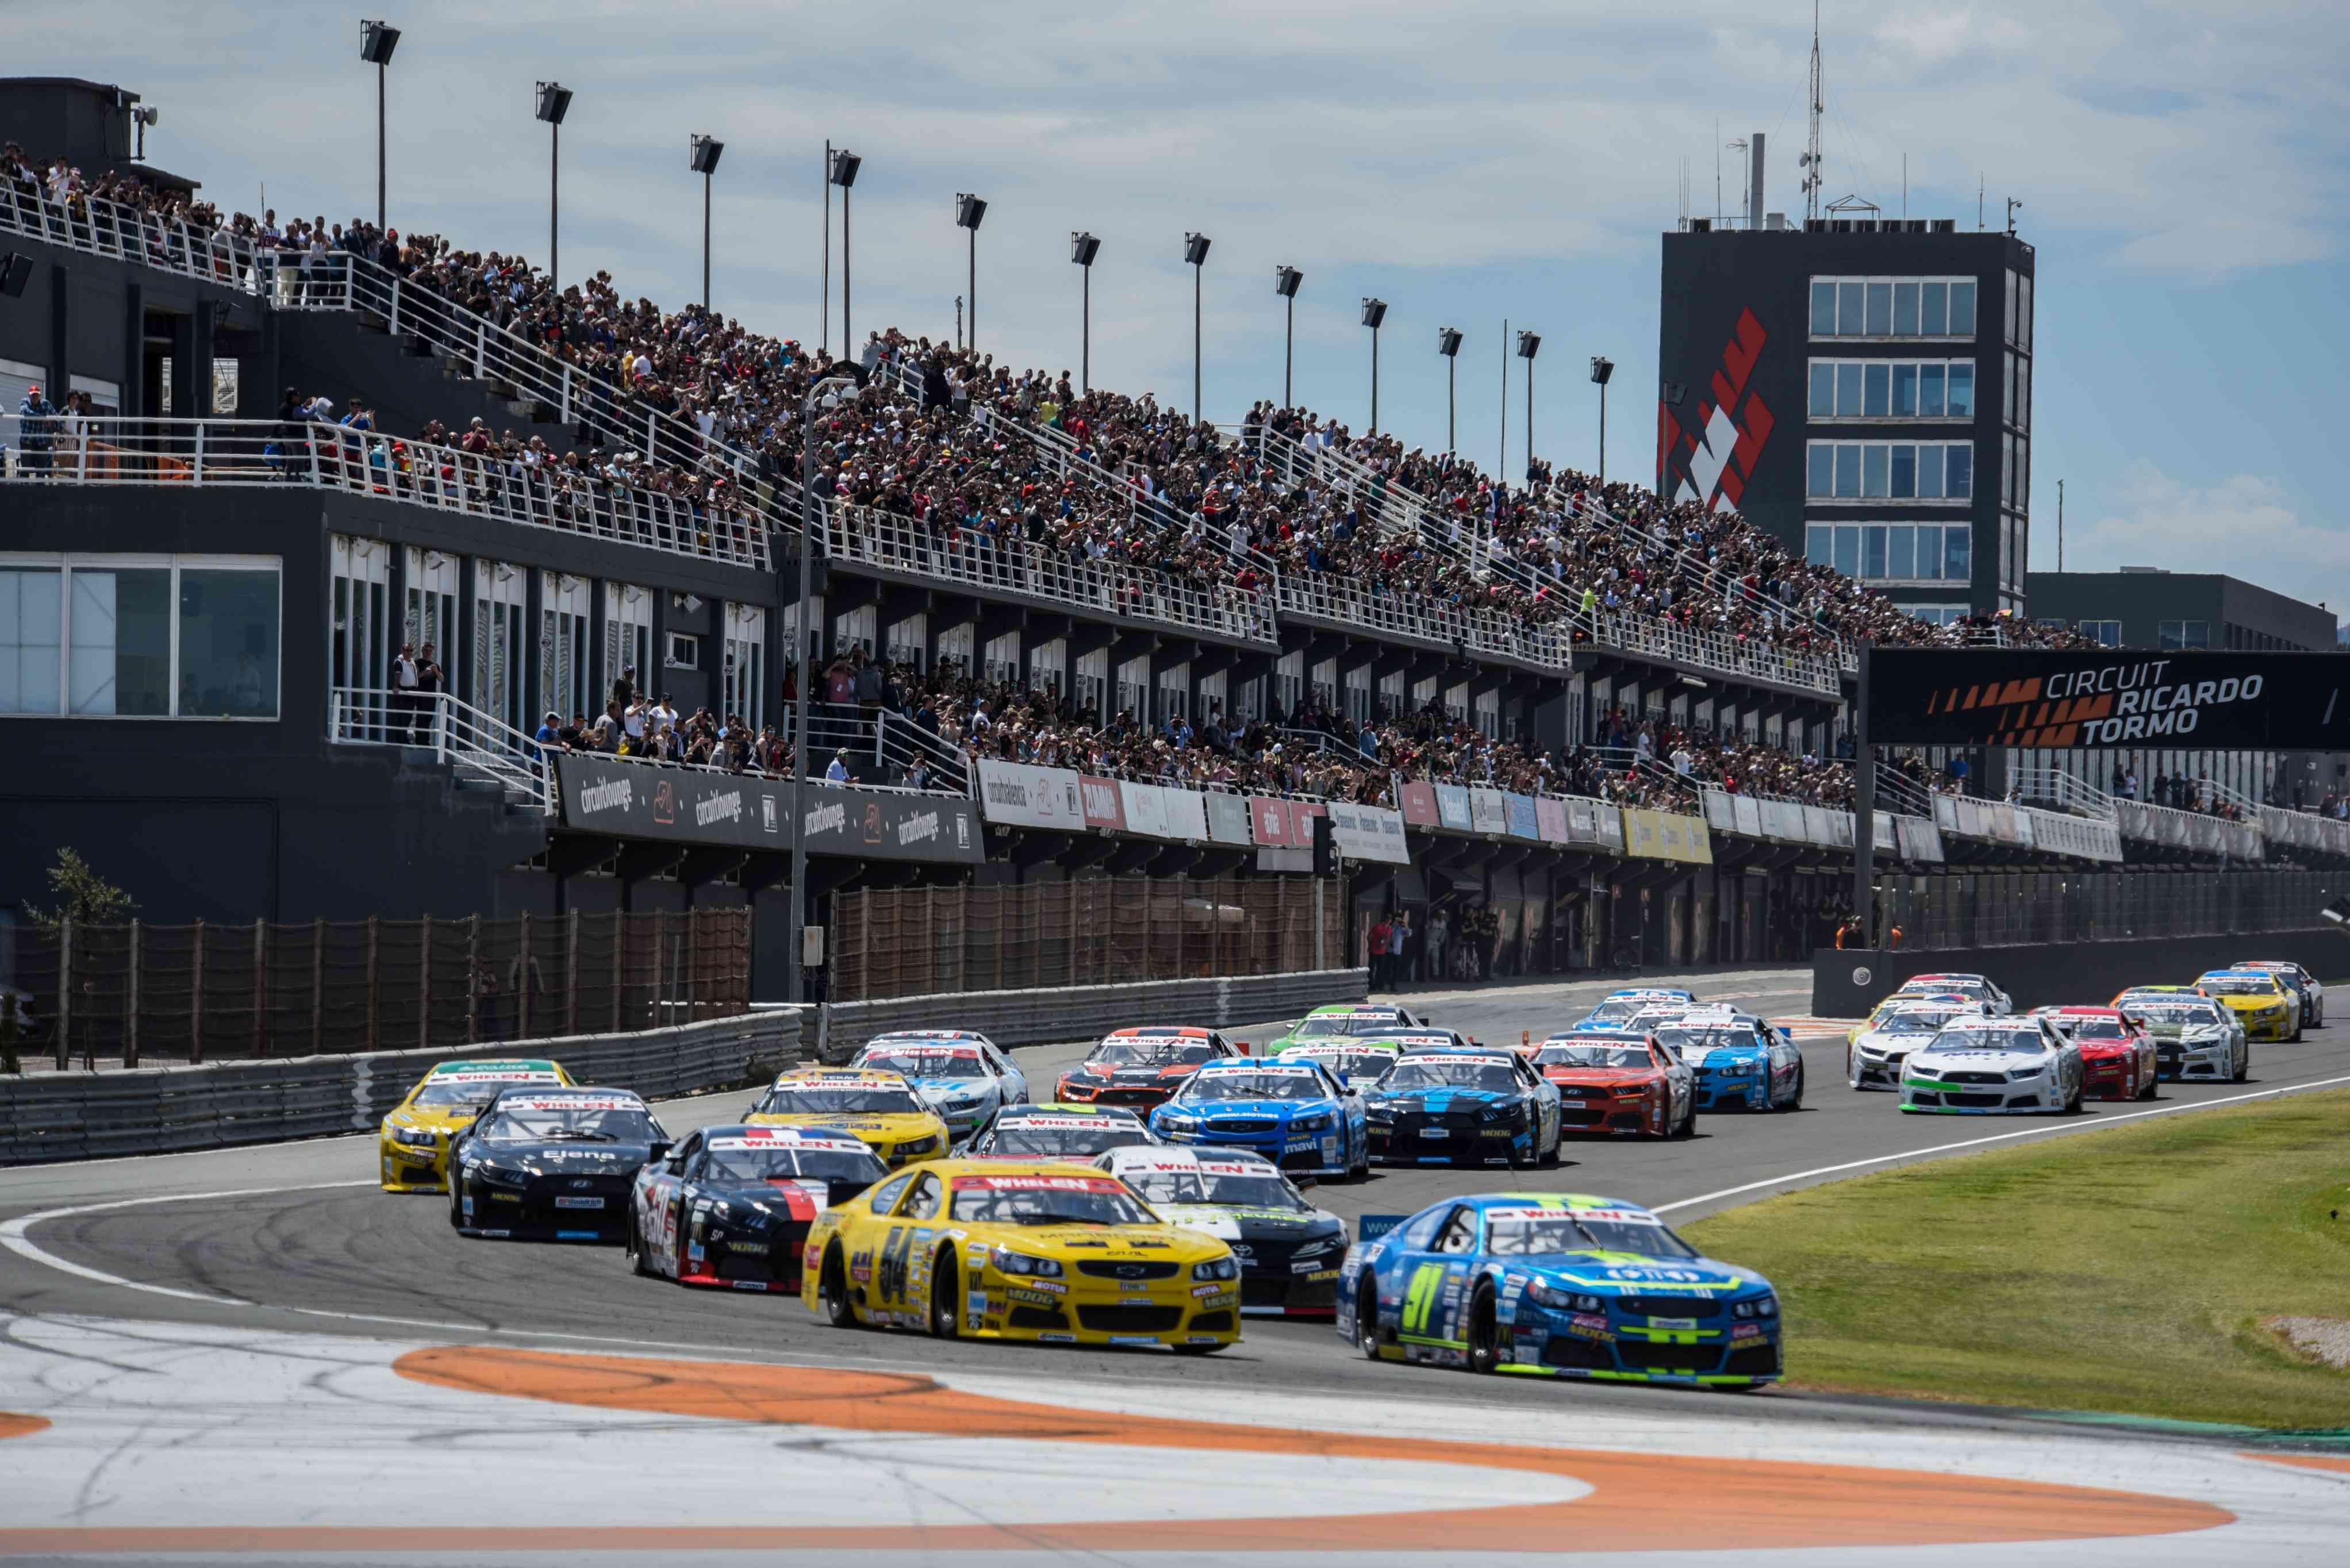 El Ferrari Challenge y el Racing Weekend son las novedades del calendario 2019 en automovilismo.